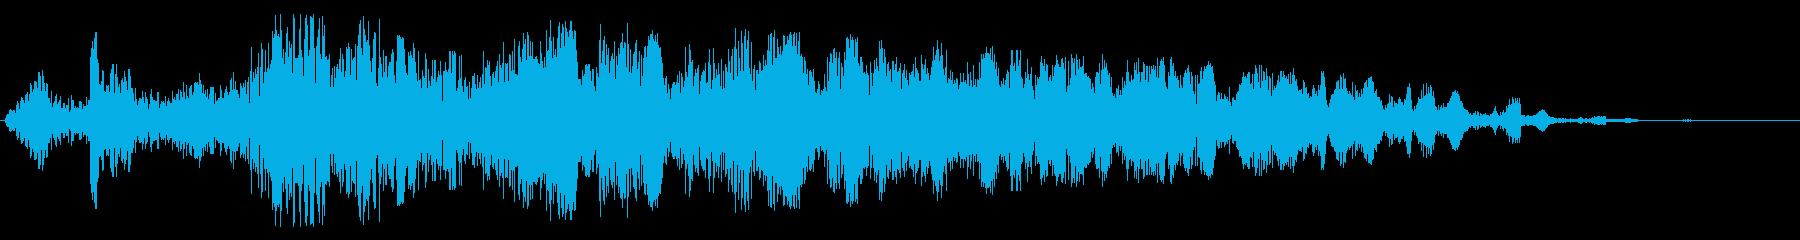 ぐわゎゎゎゎ〜(登場のインパクト音)の再生済みの波形